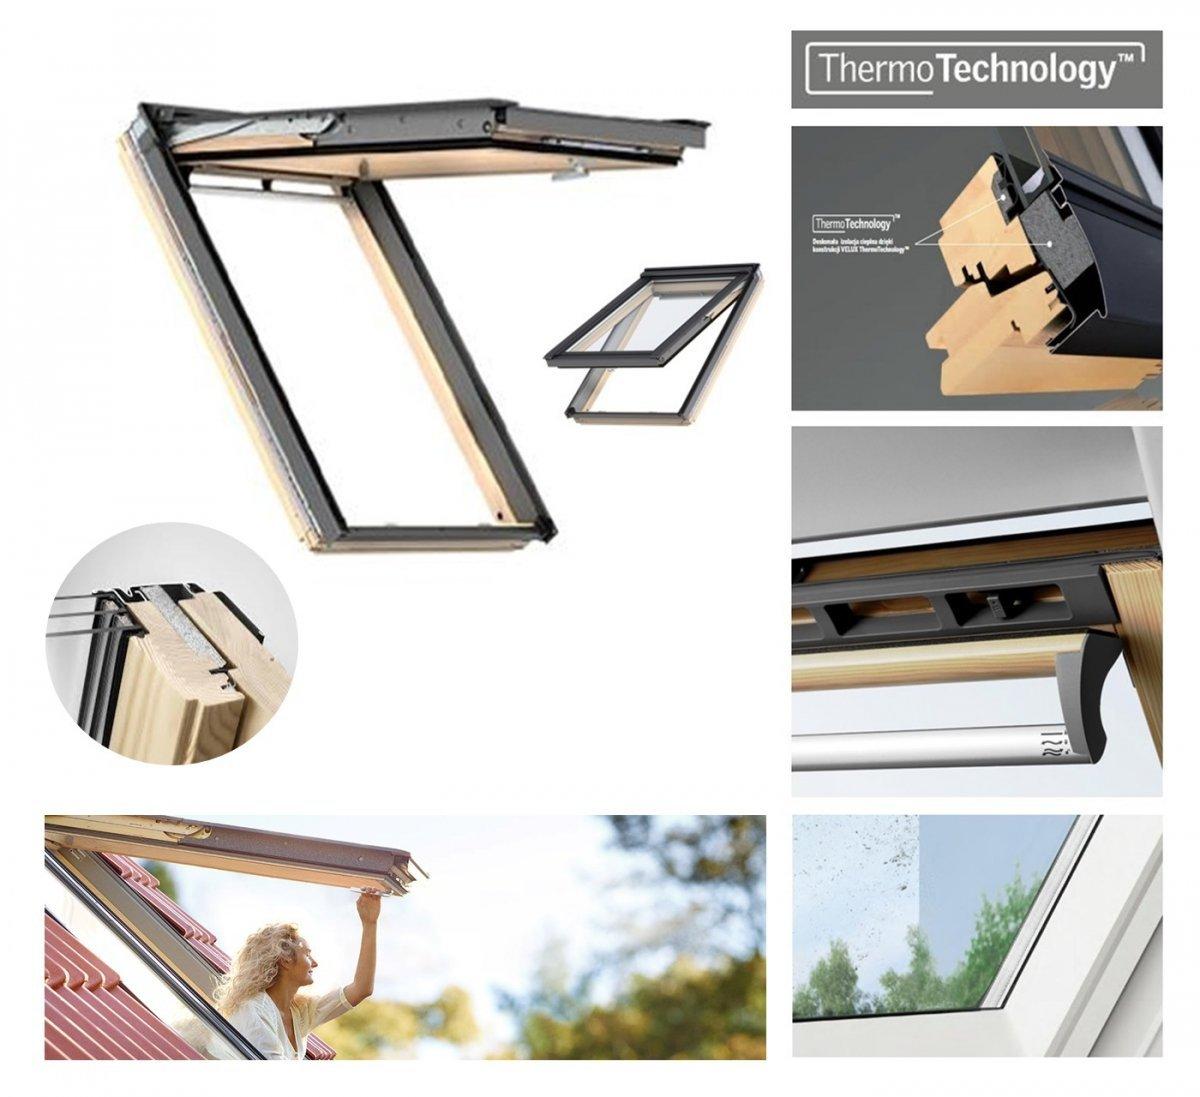 Dachfenster velux klapp schwingfenster gpl 3068 energie 3 fach verglasung uw wert 1 1 energie - U wert fenster 3 fach verglasung ...